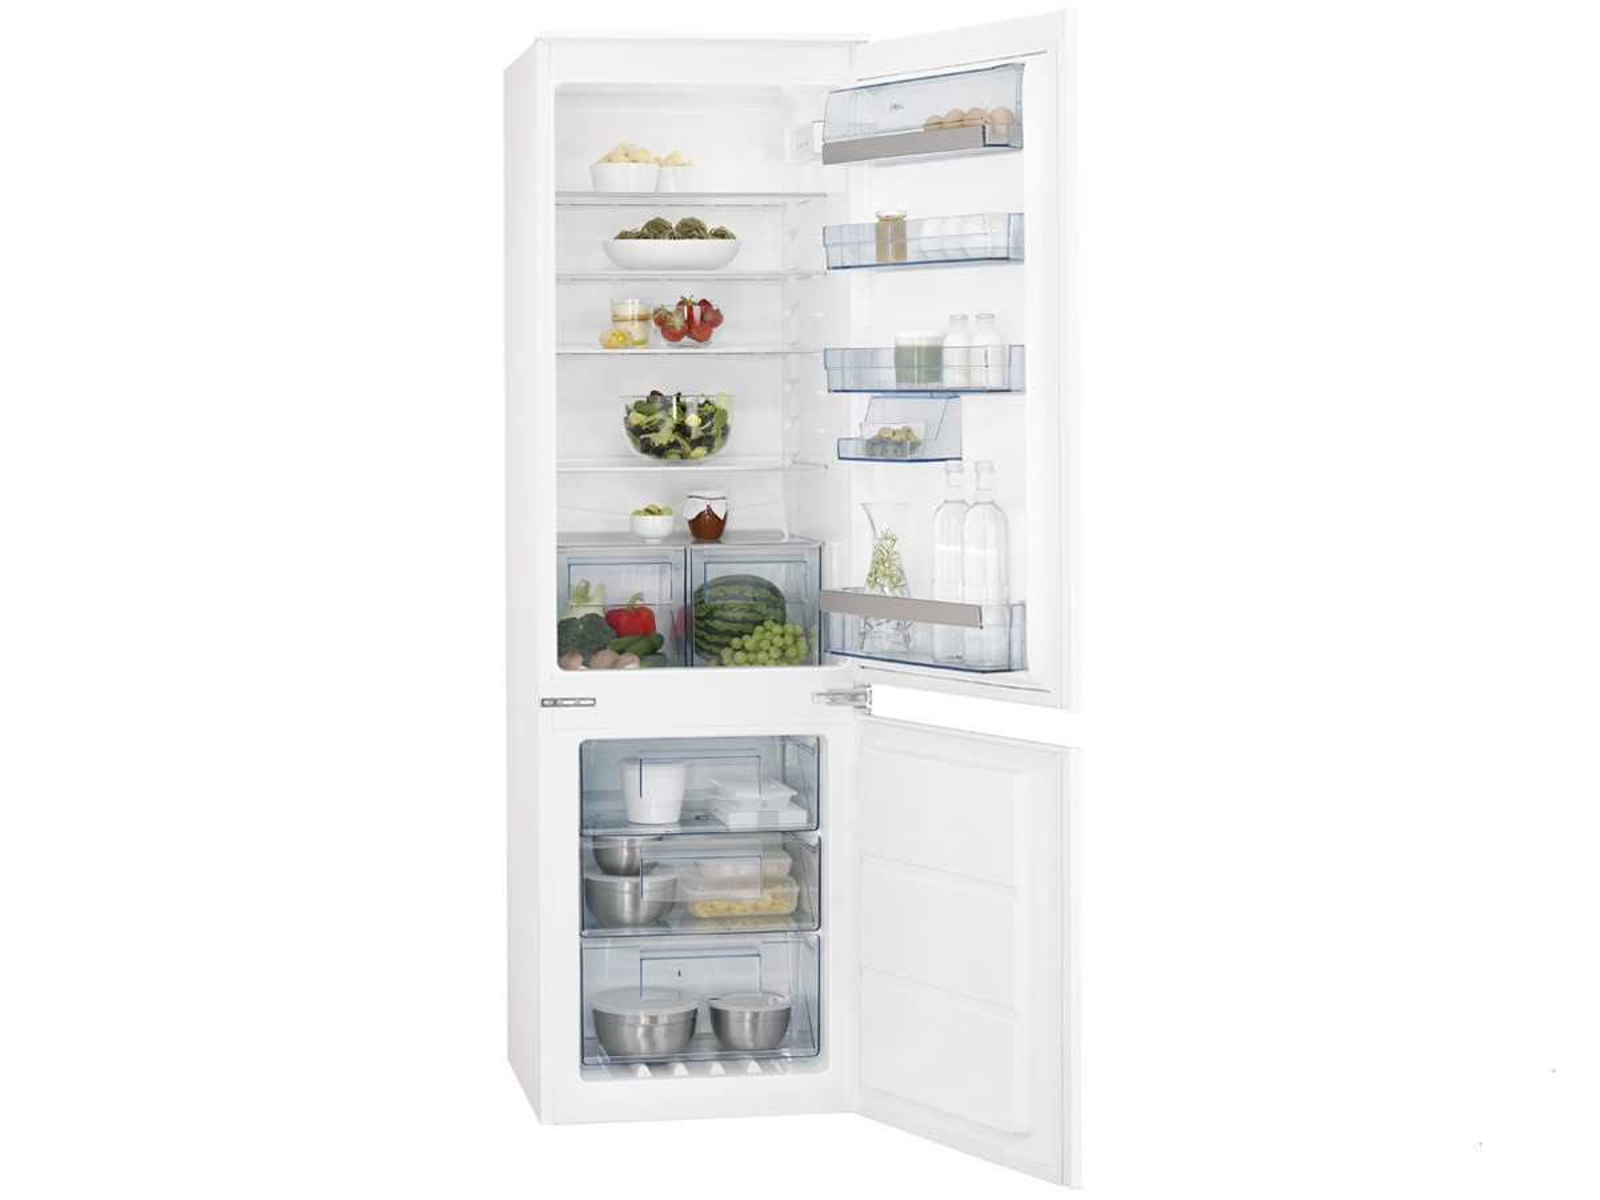 Gorenje Gefrier Und Kühlschrank : Gorenje gefrier und kühlschrank gorenje kühlschrank r aw a